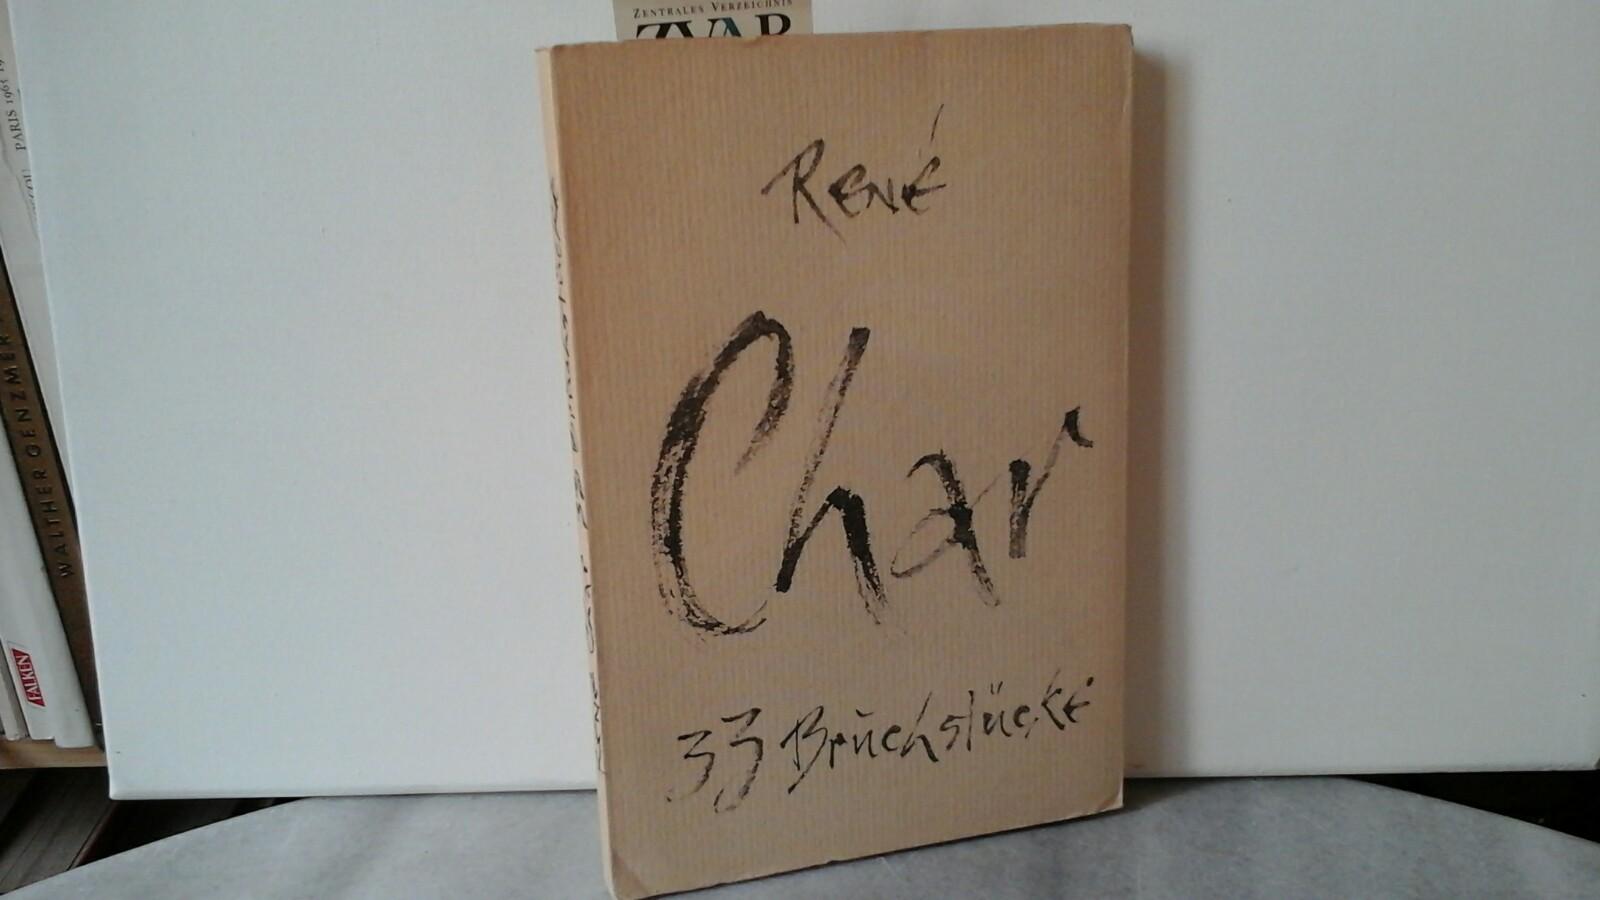 En trente-trois morceaux / 33 Bruchstücke. Schrift und Linolschnitte von Flora Klee-Palyi.Kunst